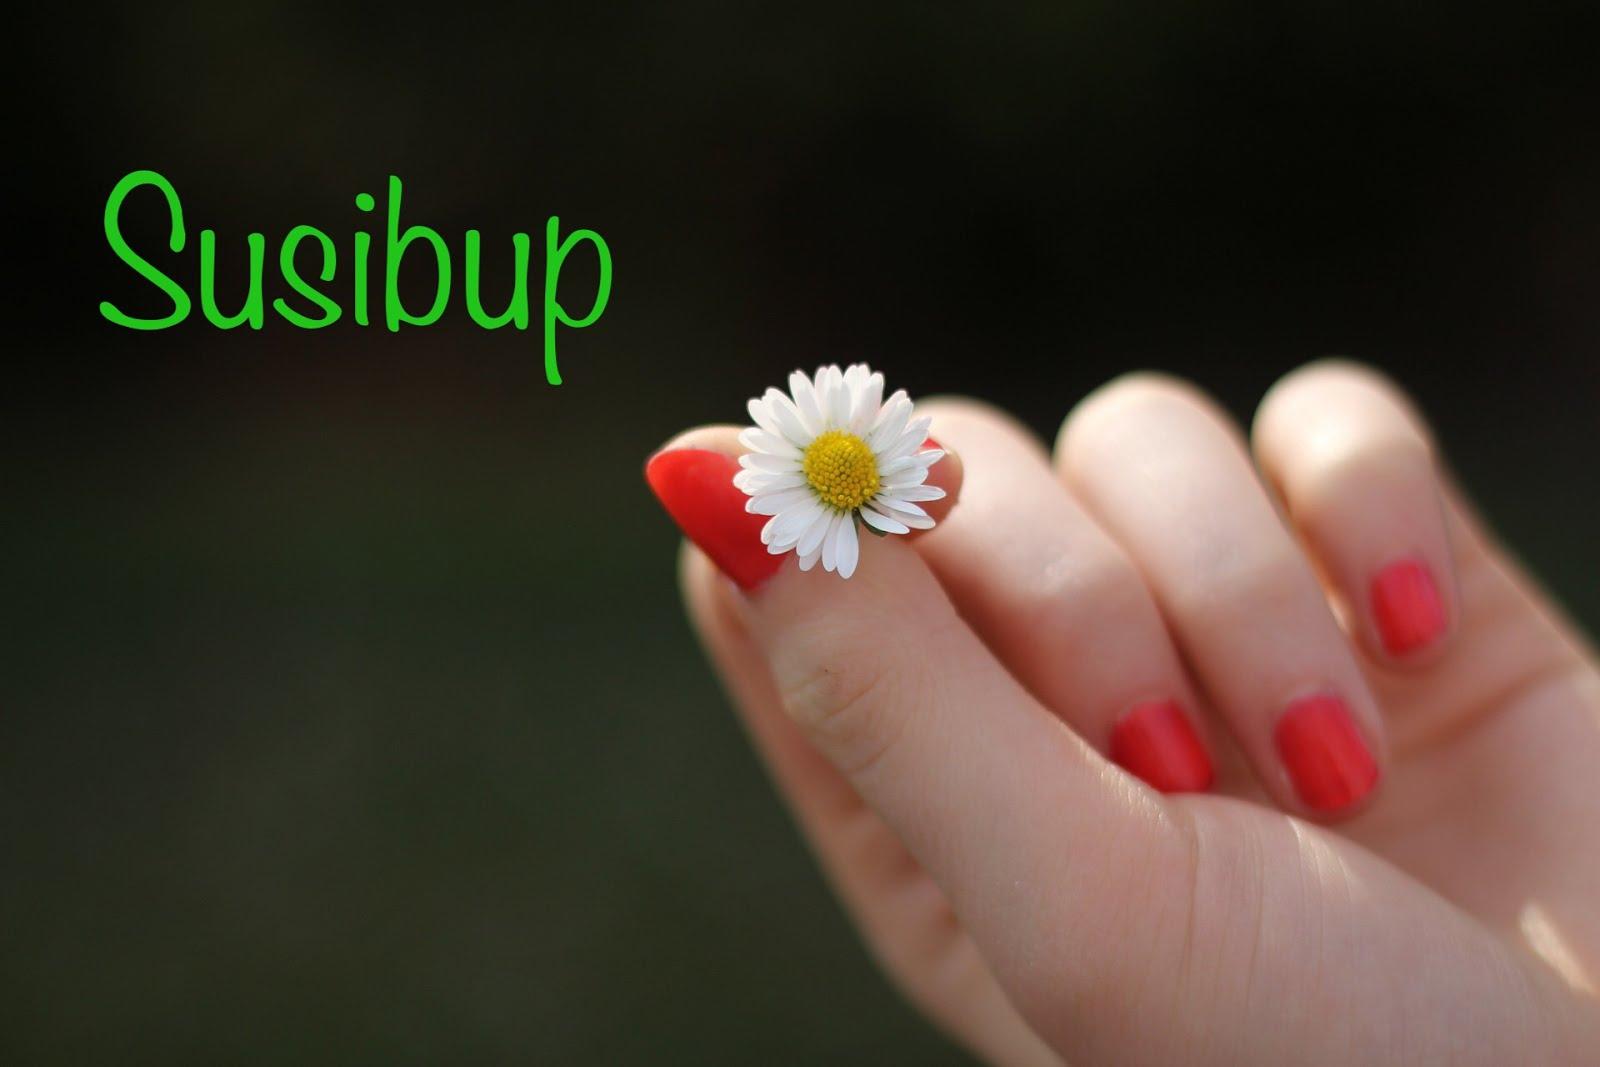 El blog de Susibup